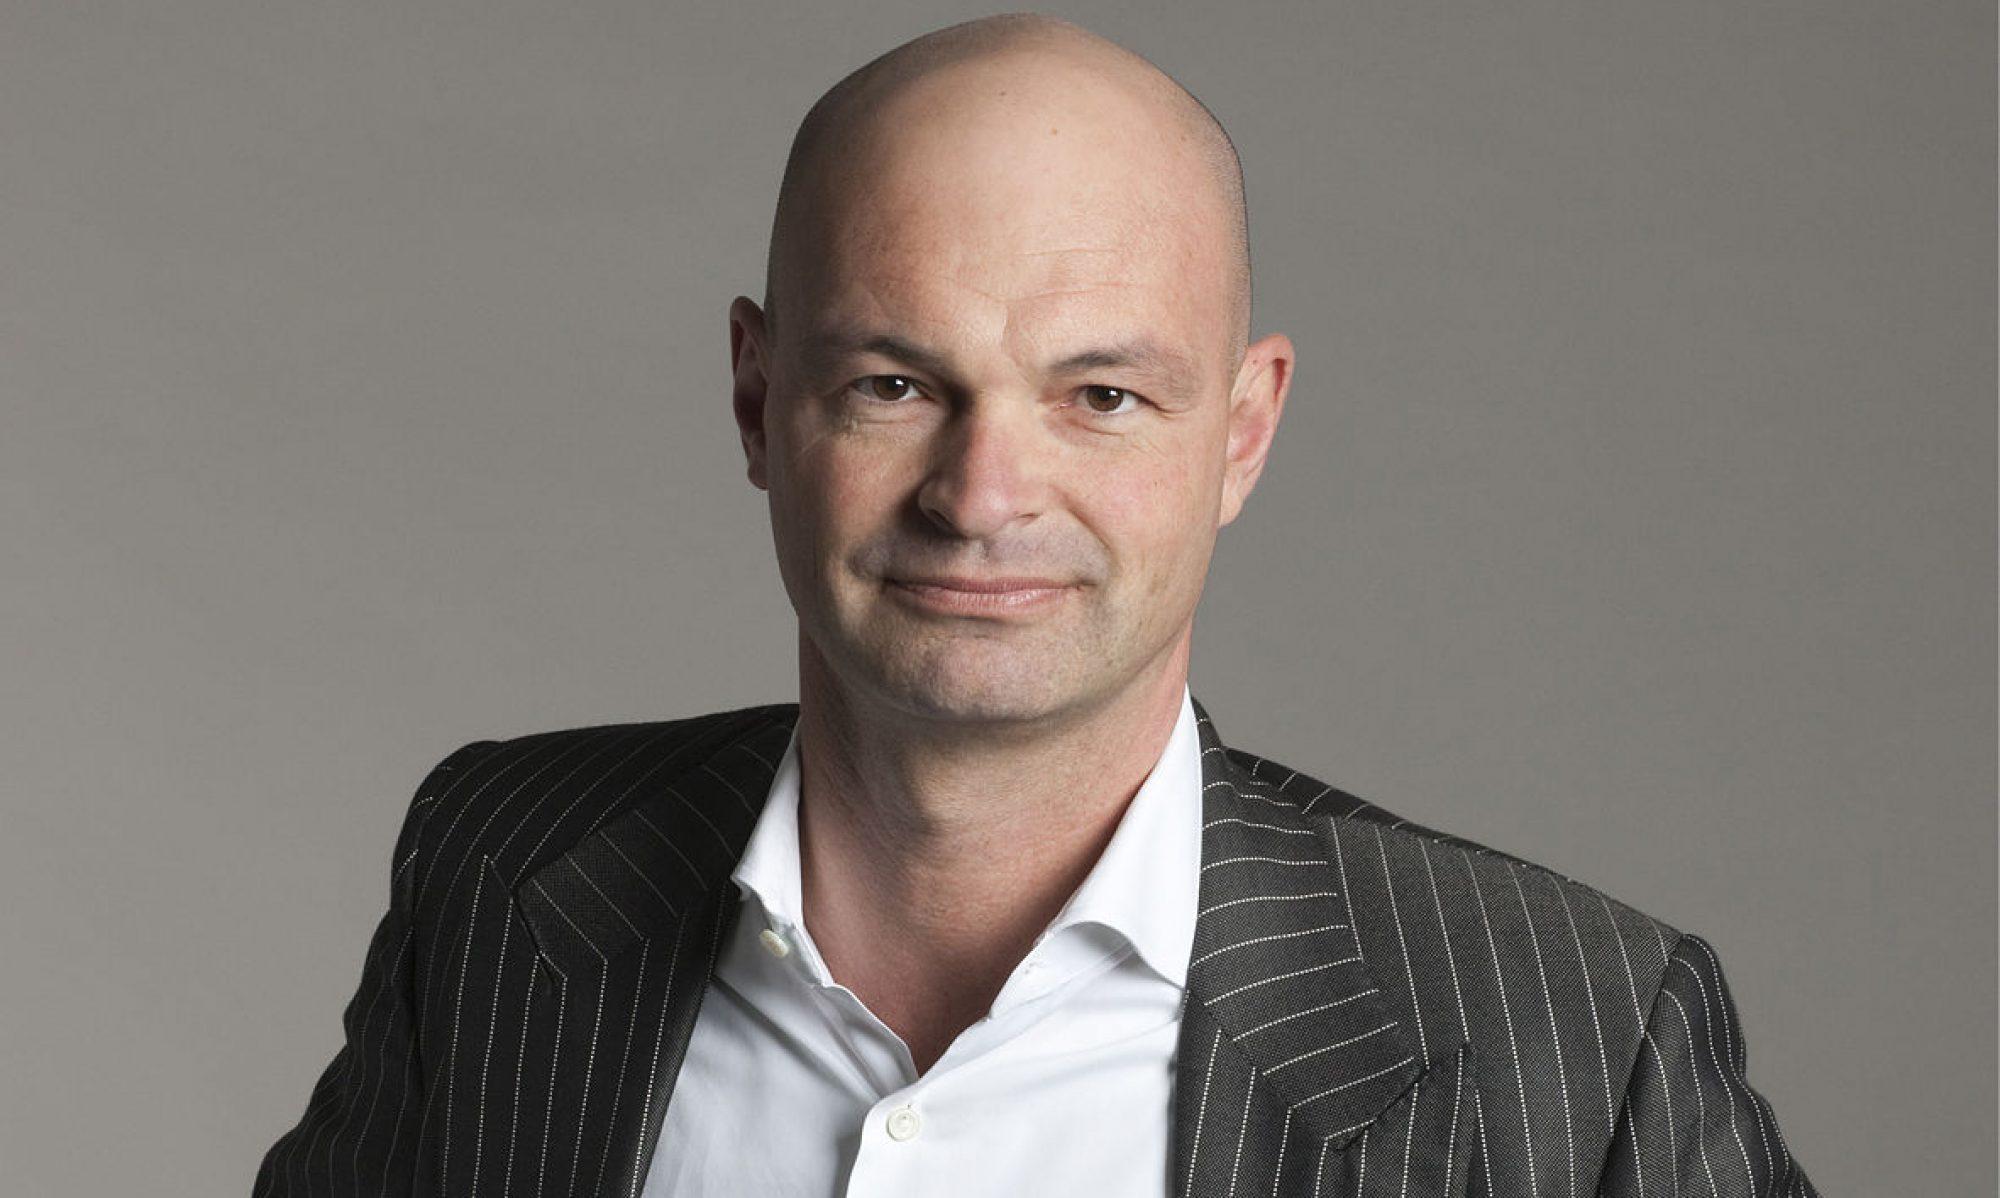 Andy van der Mark